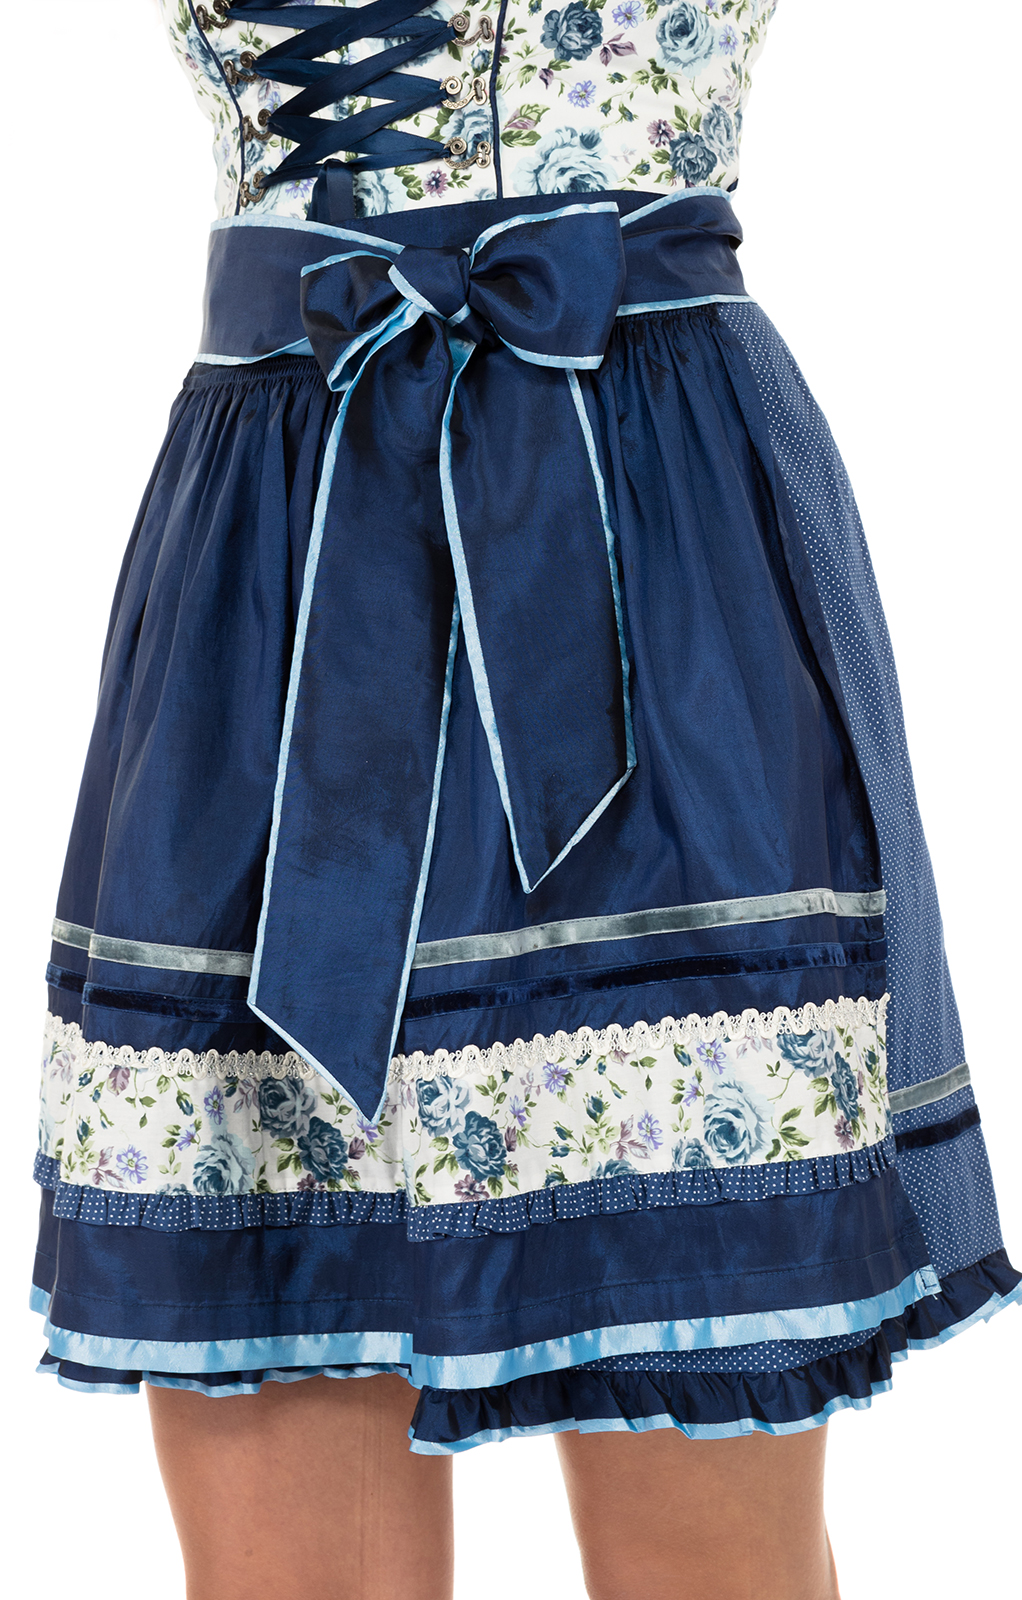 weitere Bilder von Minidirndl Blue Roses 50cm 2tlg. Sommertraum blau-ecru